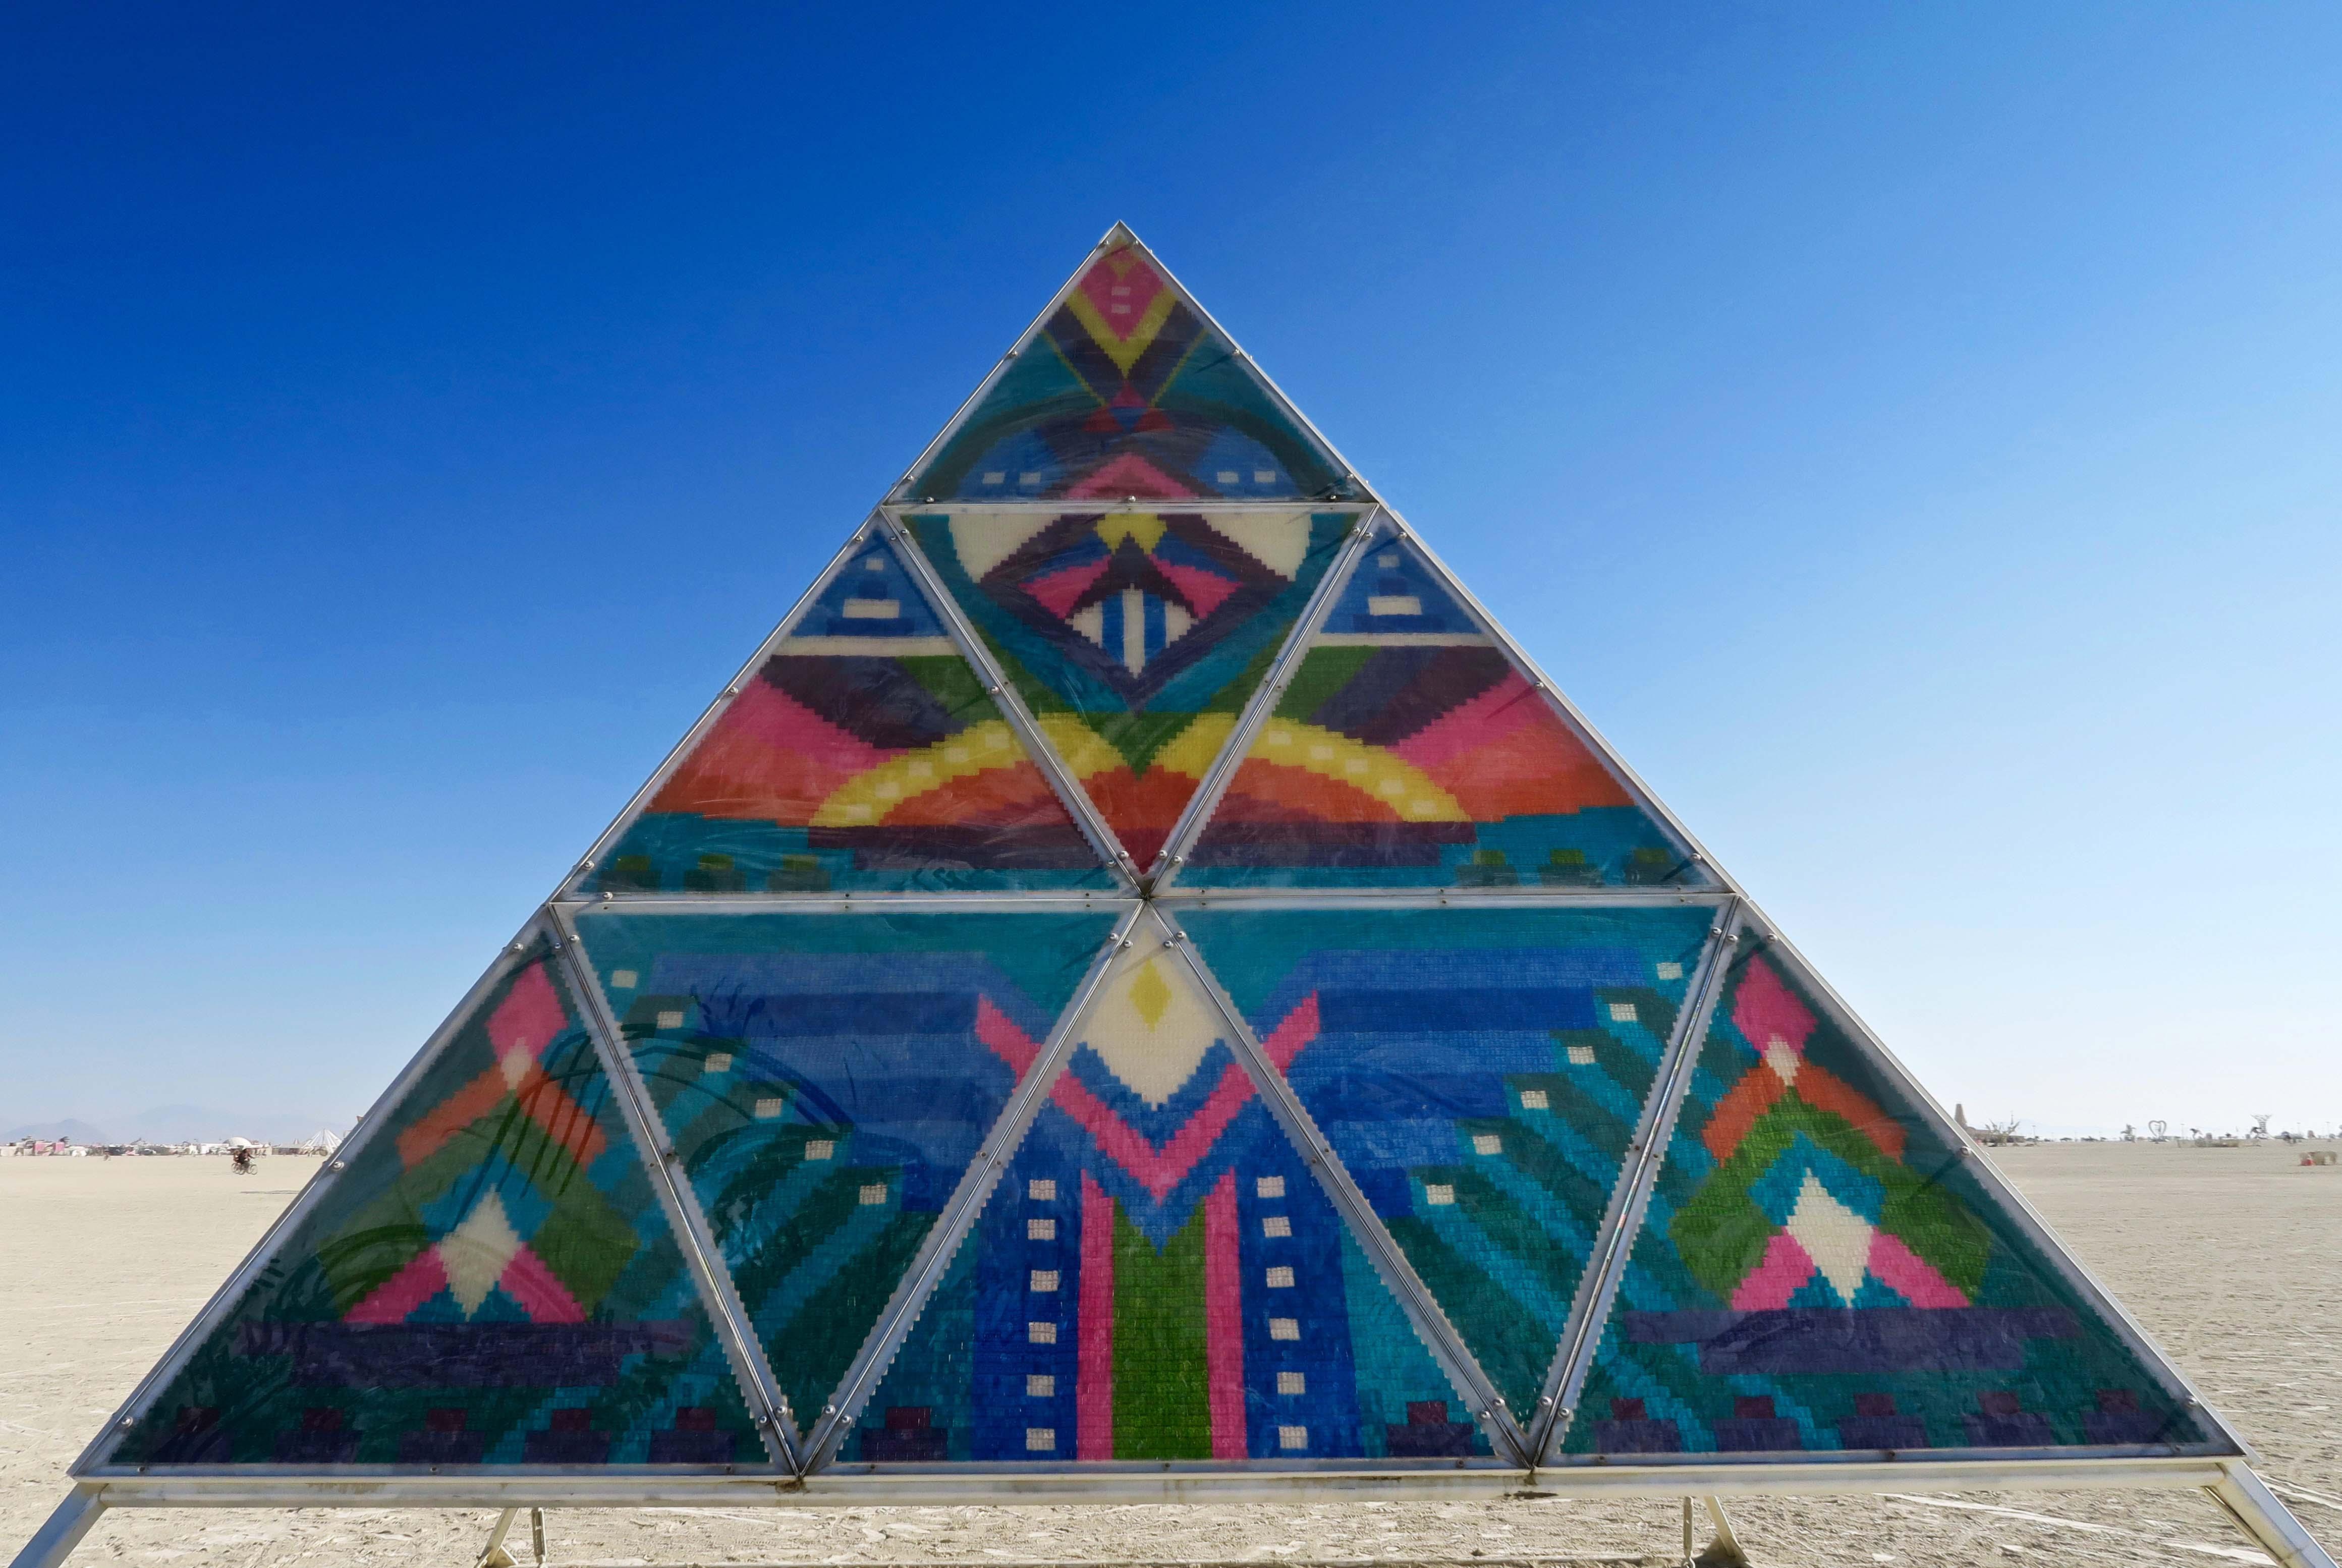 Gummy Bear pyramid at Burning Man 2017